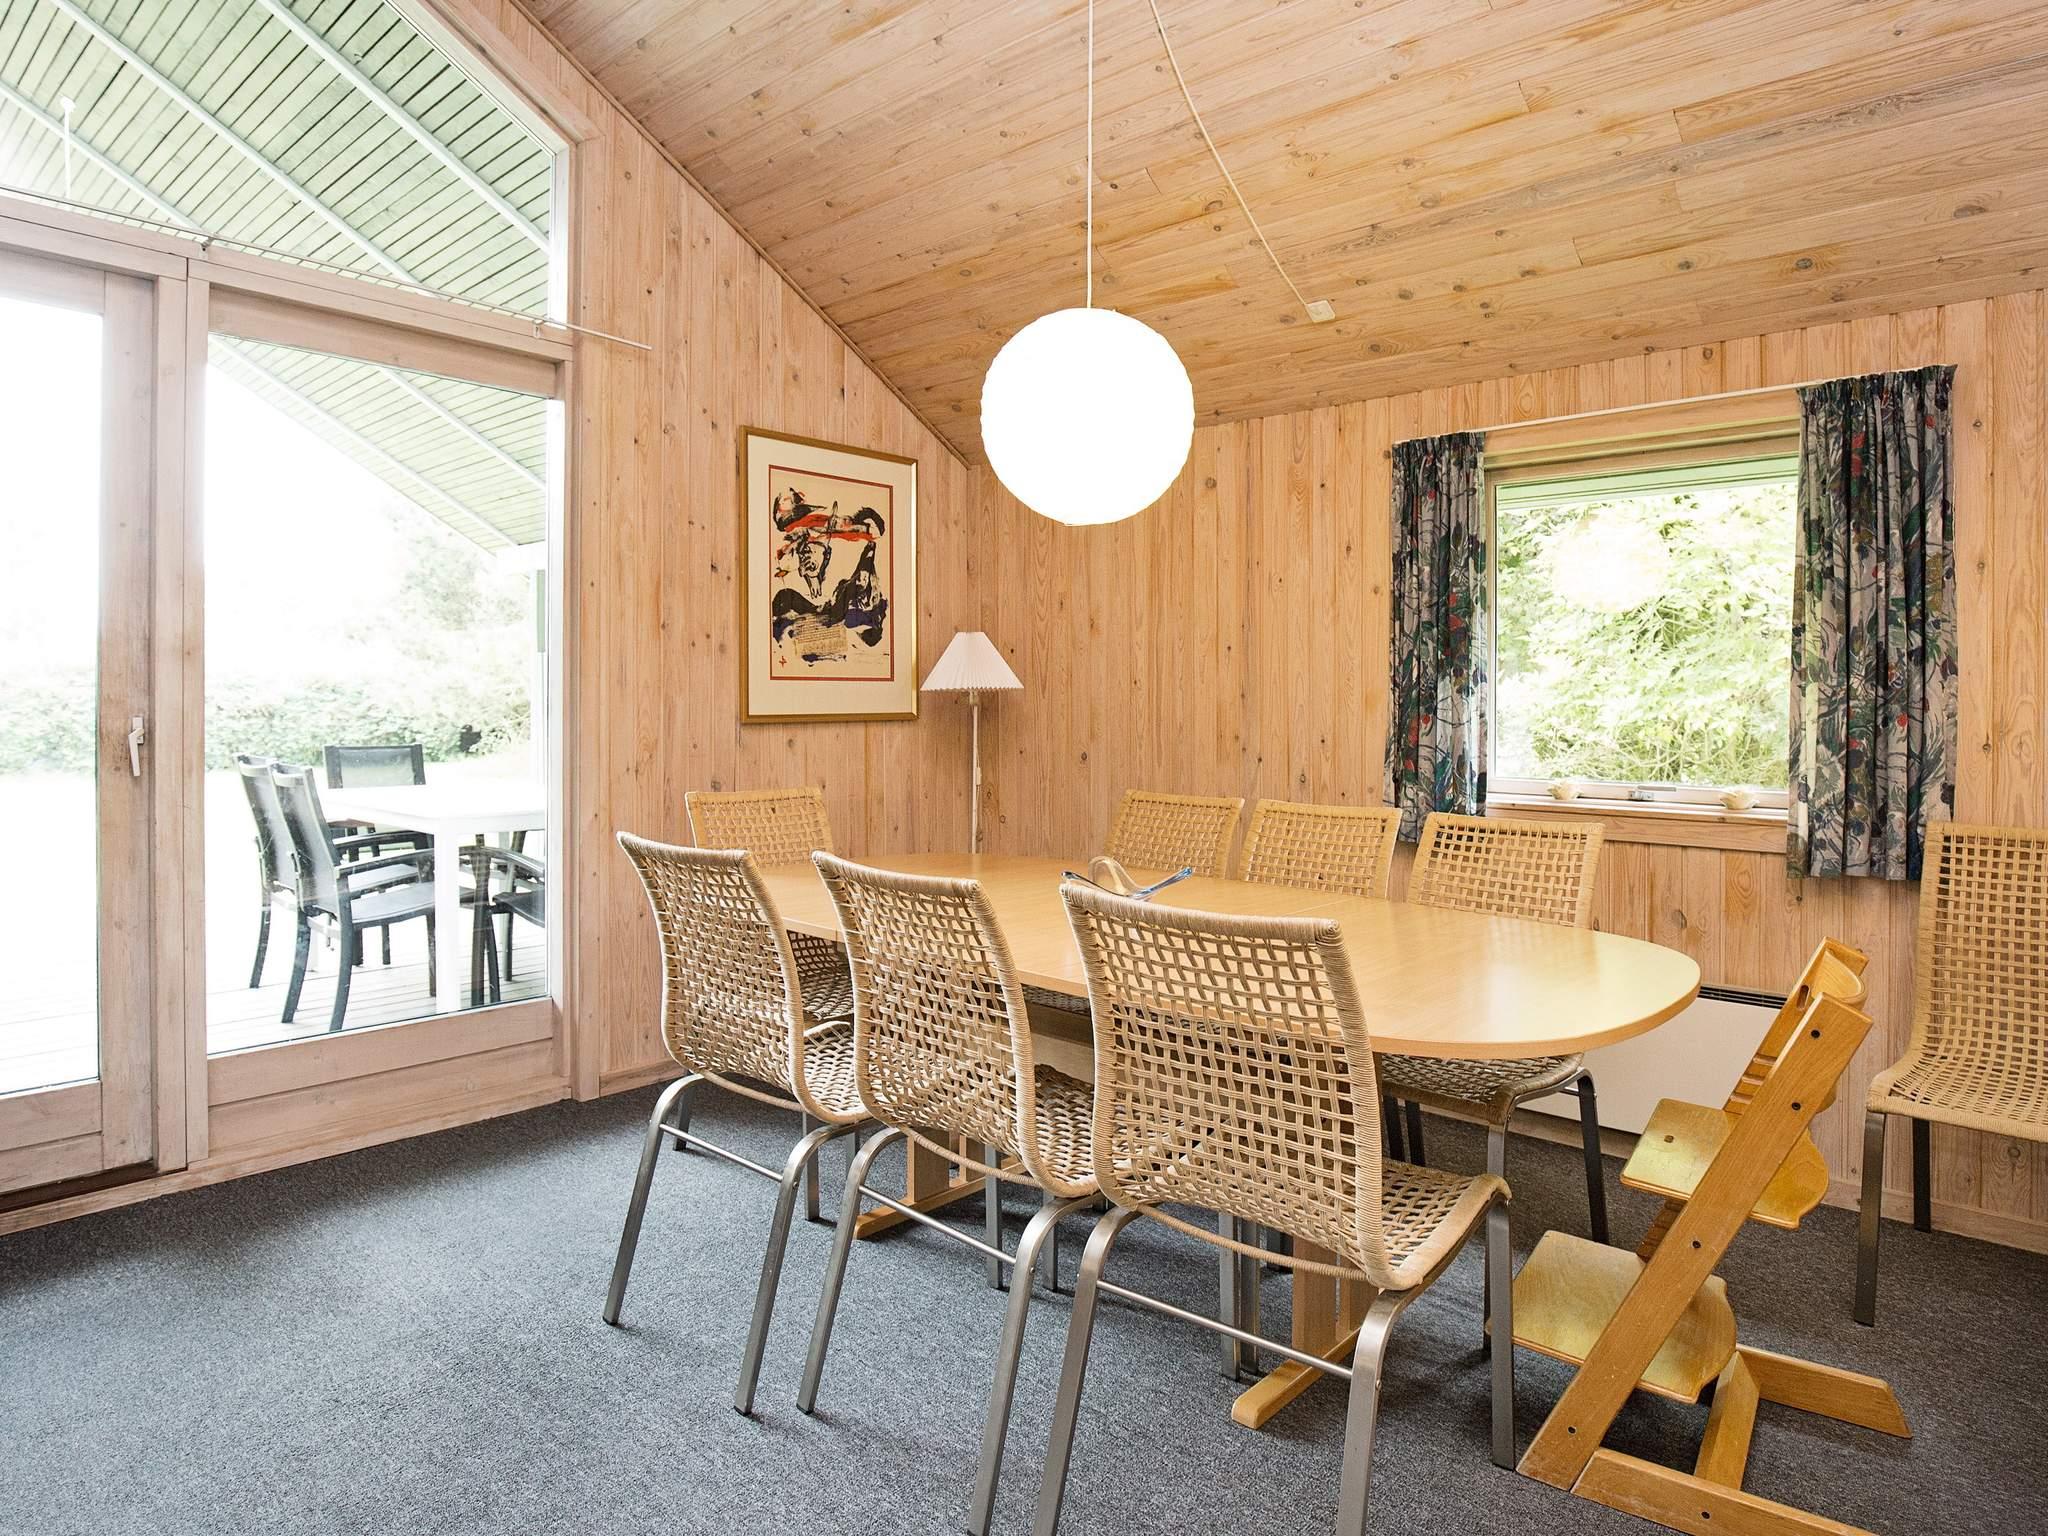 Ferienhaus Hummingen (84295), Hummingen, , Lolland, Dänemark, Bild 11